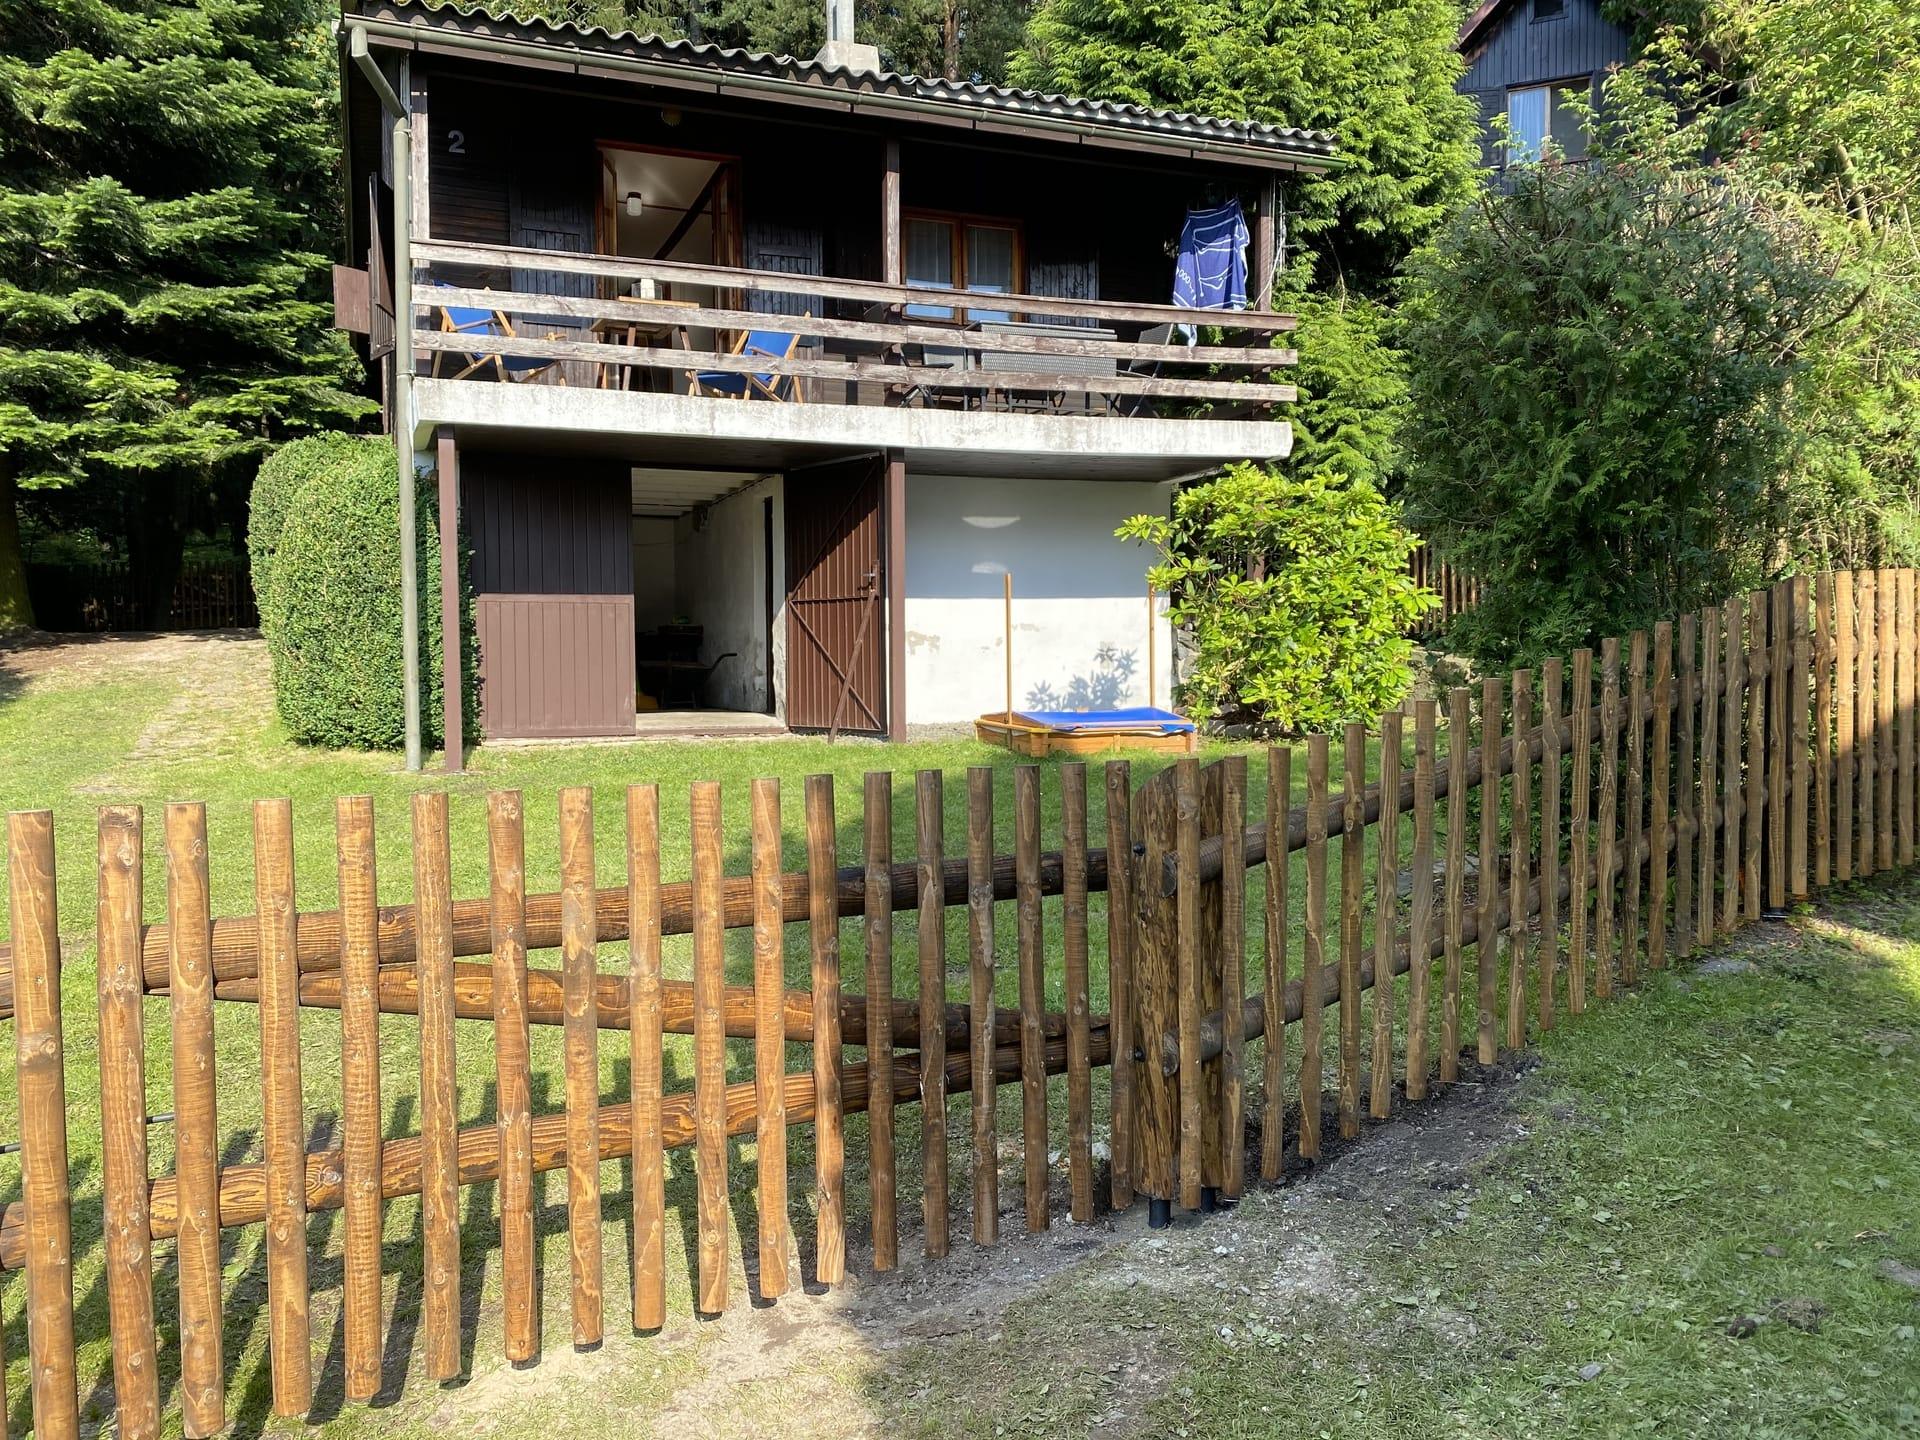 Obrázek 3 / Dřevěné ploty - strojně frézované   - realizace Modletín 7-2020